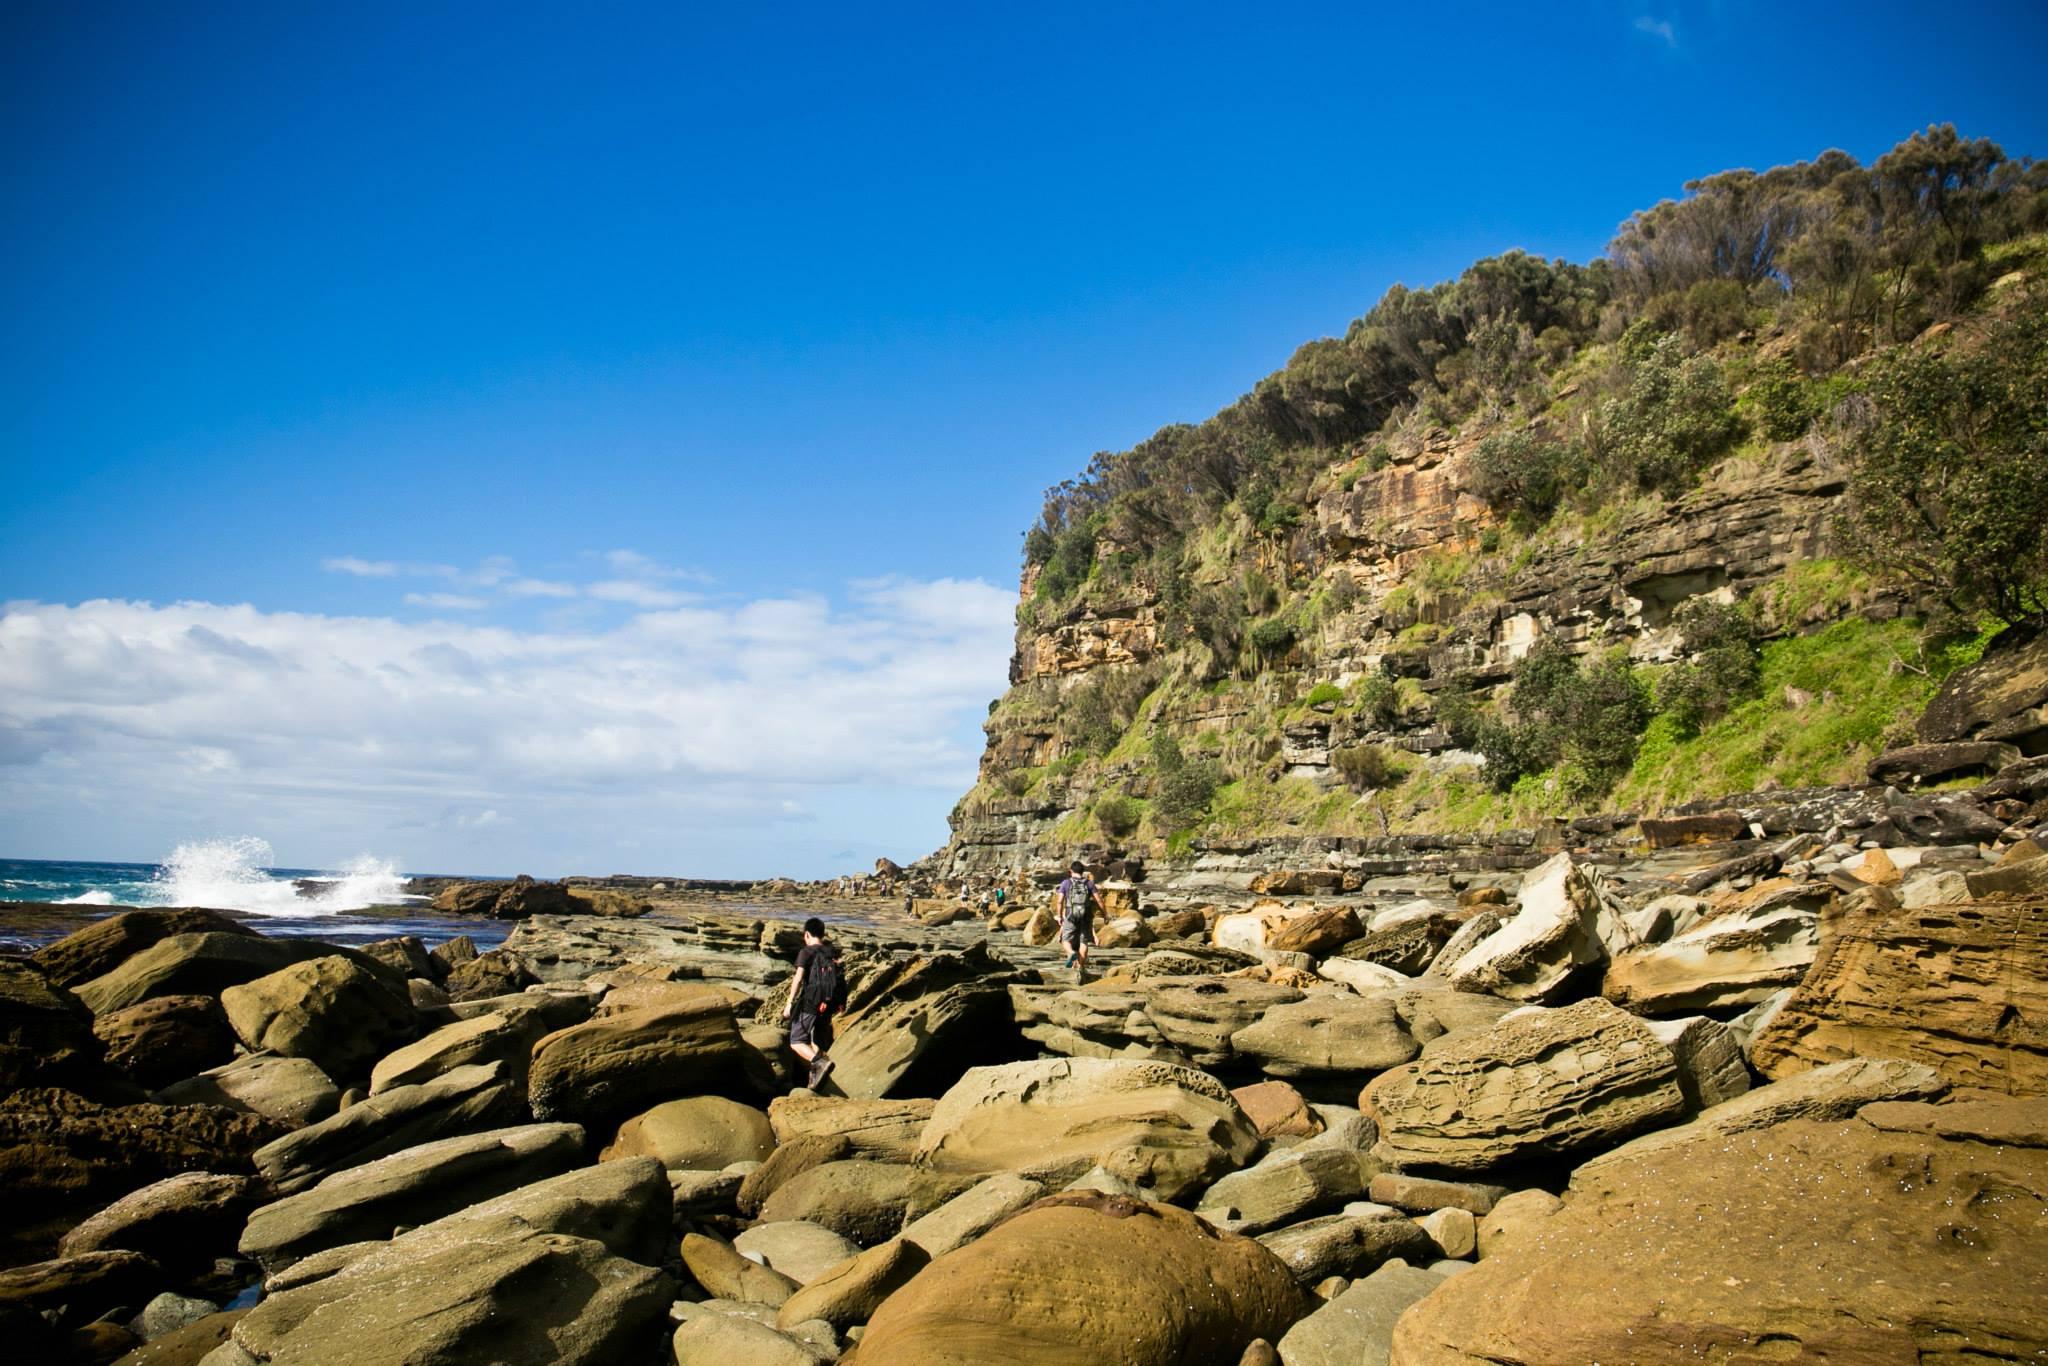 bãi đá - Hướng dẫn chi tiết để đến hồ bơi số 8 ở Sydney